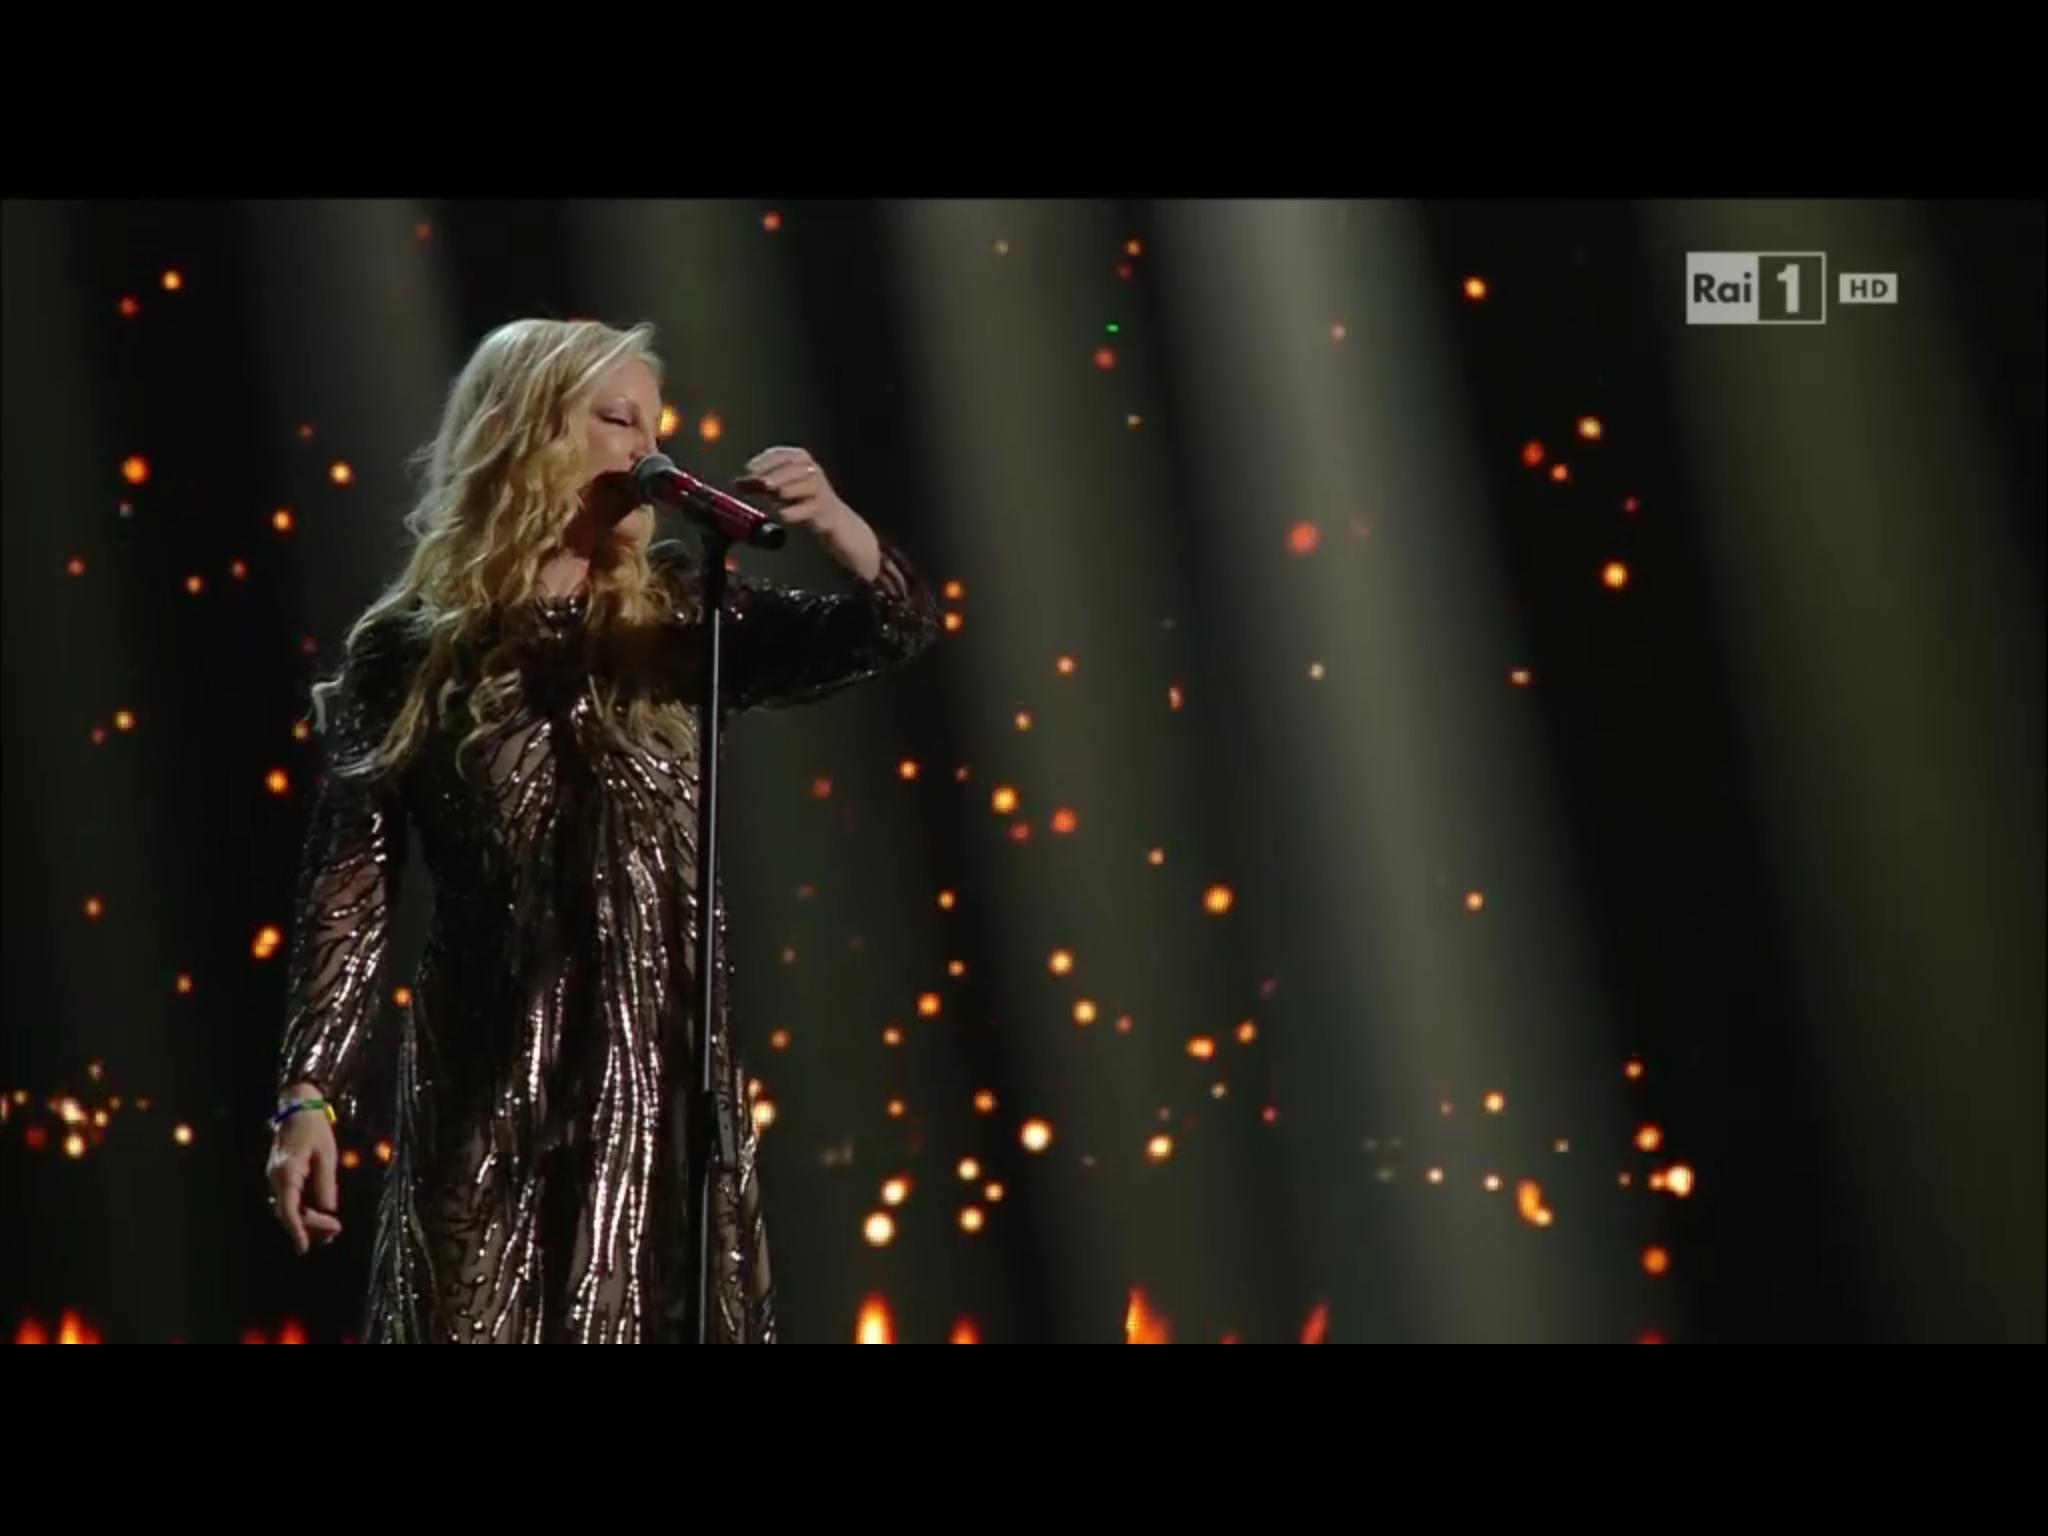 Patty pravo cieli immensi Sanremo 2016 premio della critica mia Martini